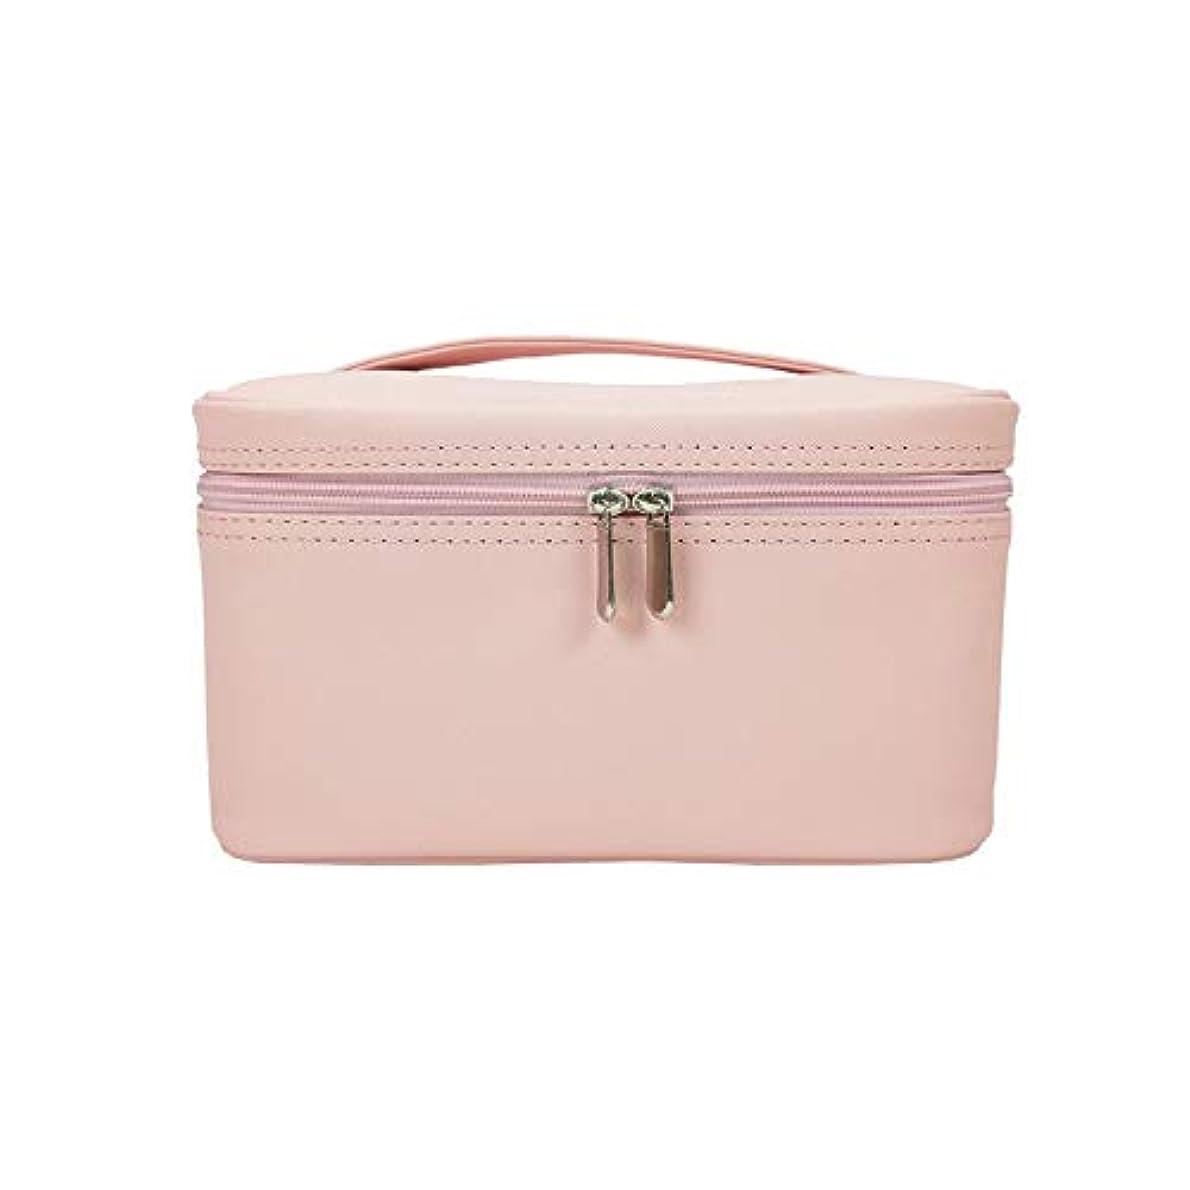 ファーム納得させる結紮特大スペース収納ビューティーボックス 女の子の女性旅行のための新しく、実用的な携帯用化粧箱およびロックおよび皿が付いている毎日の貯蔵 化粧品化粧台 (色 : ピンク)